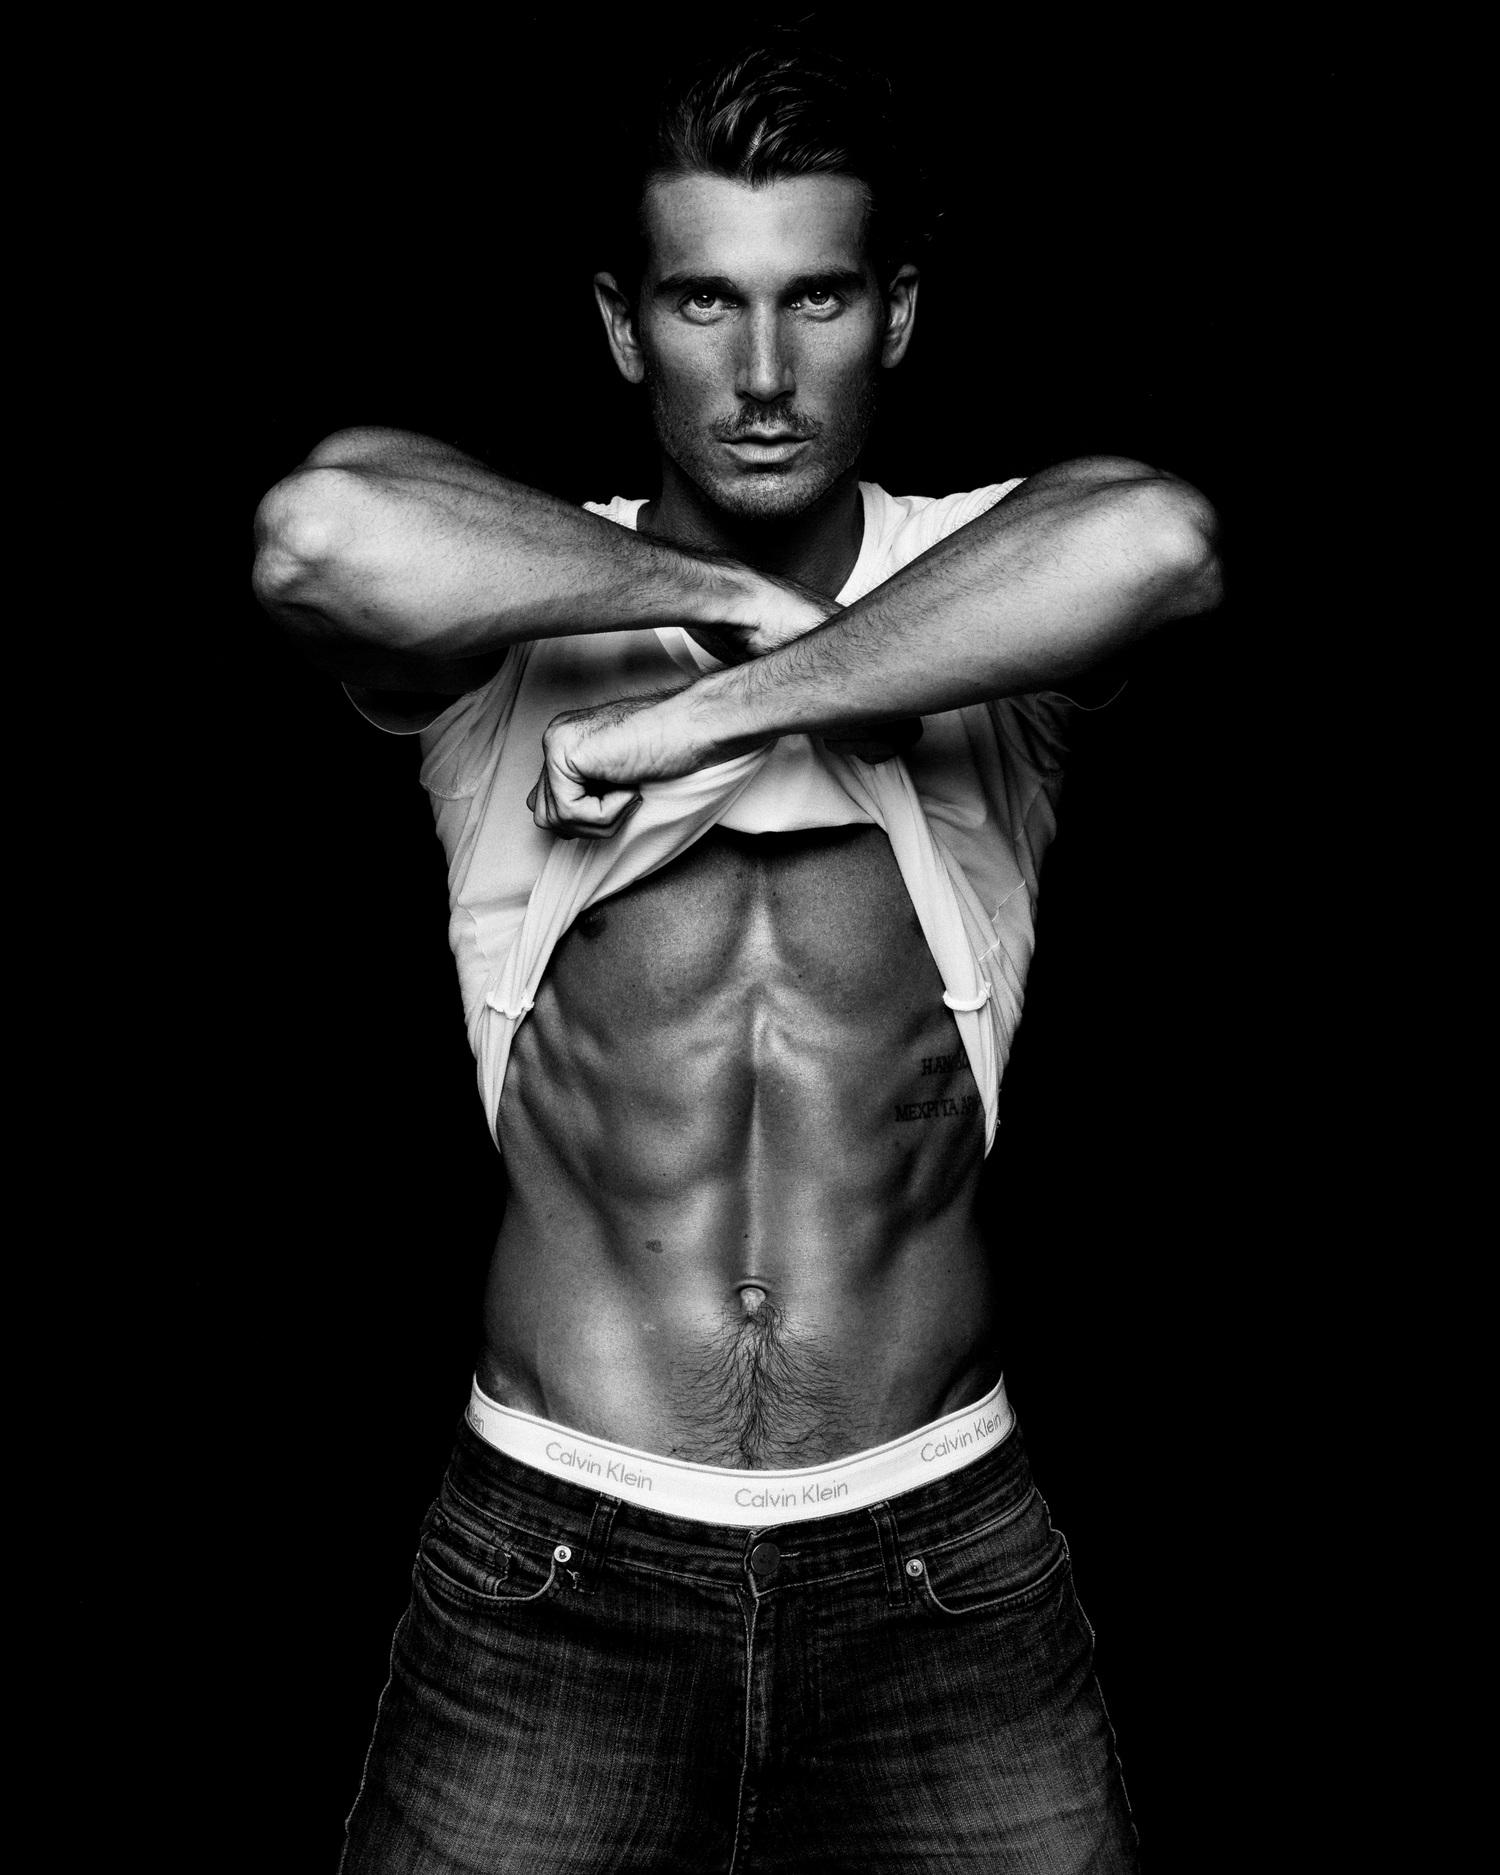 Adon Exclusive: Model Jacob Jon By Blake Ballard